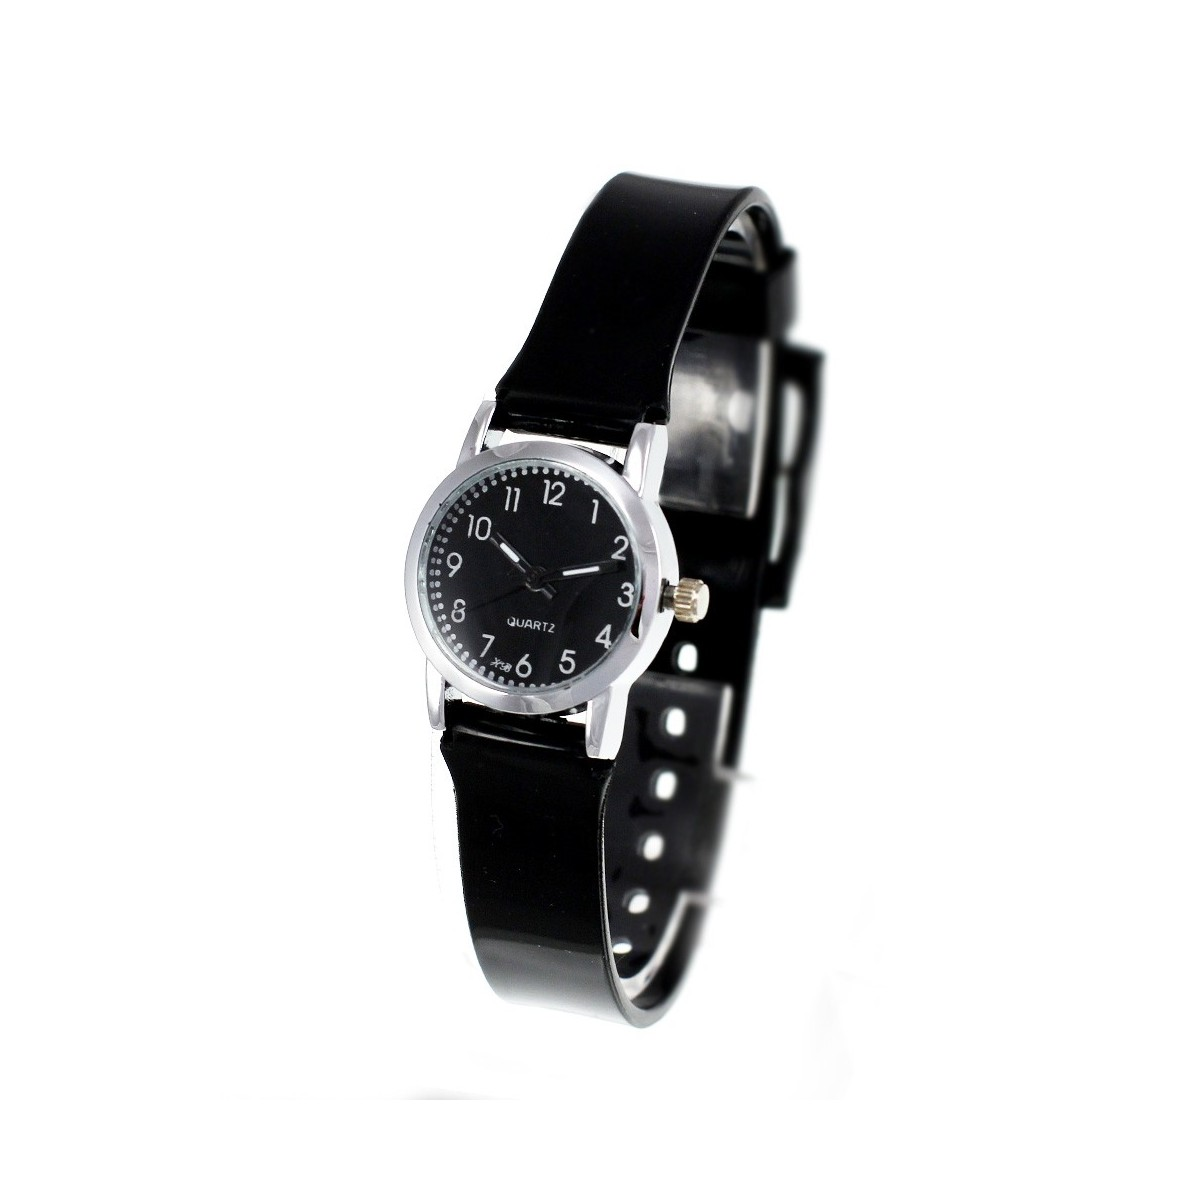 Montre enfant bracelet silicone noir